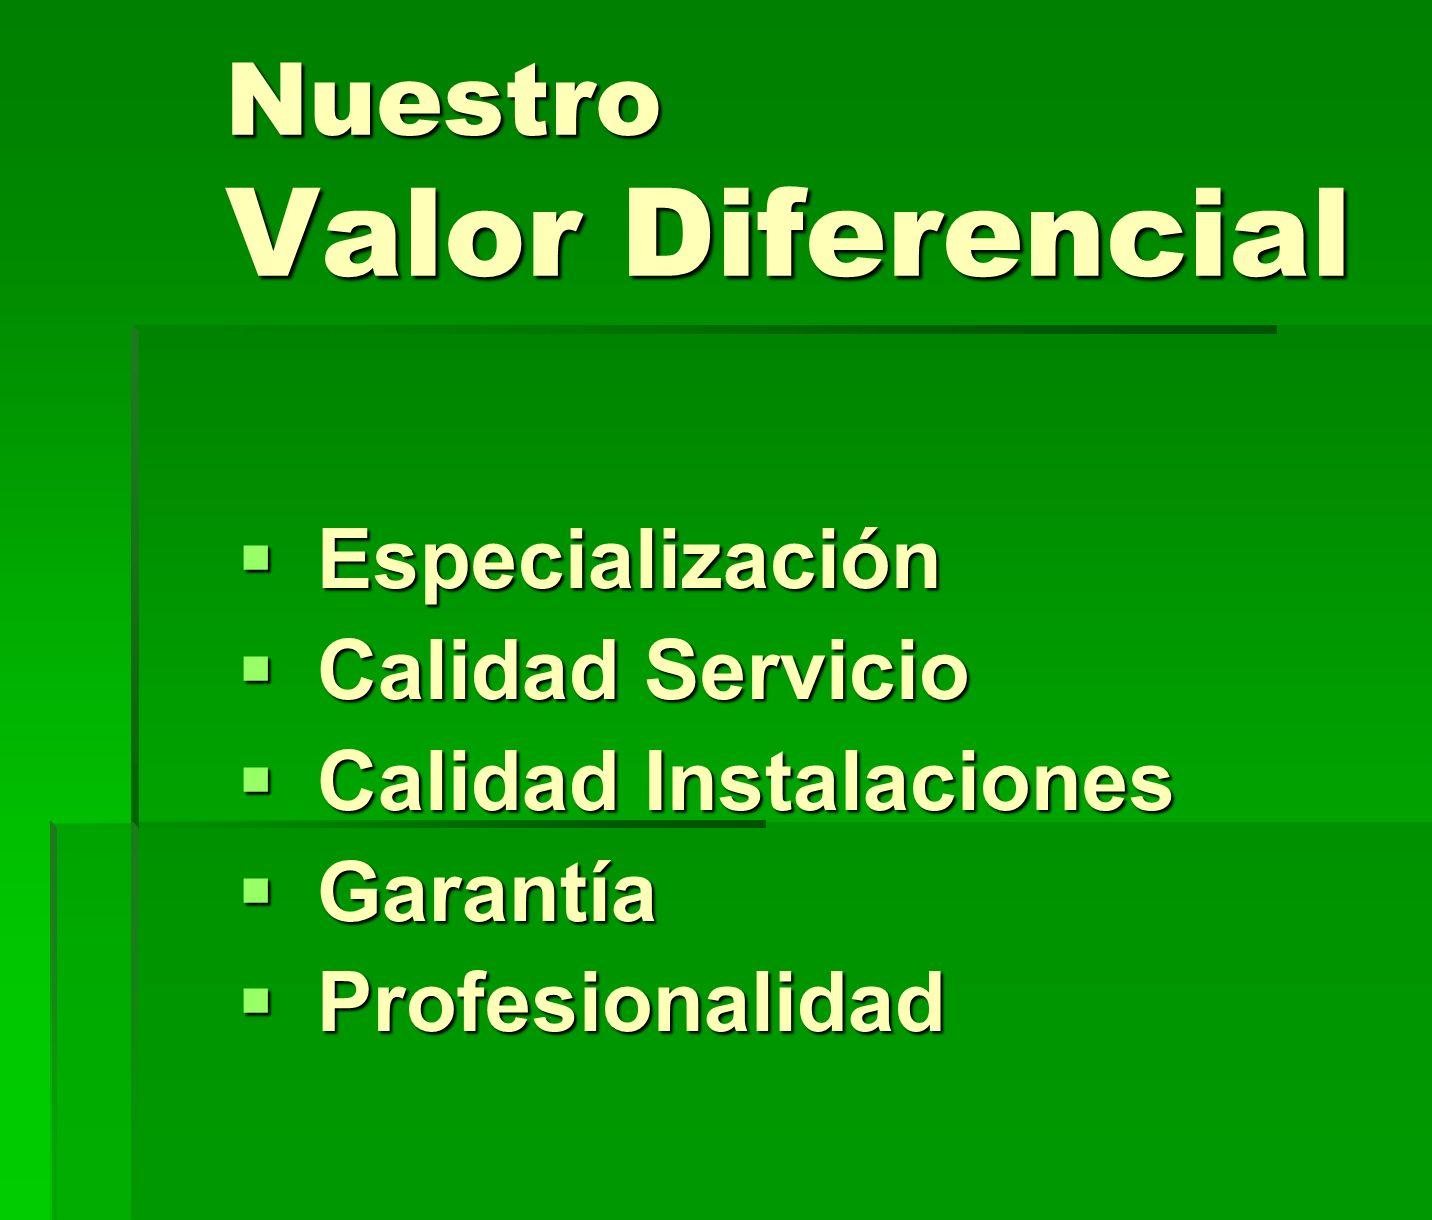 Nuestro Valor Diferencial